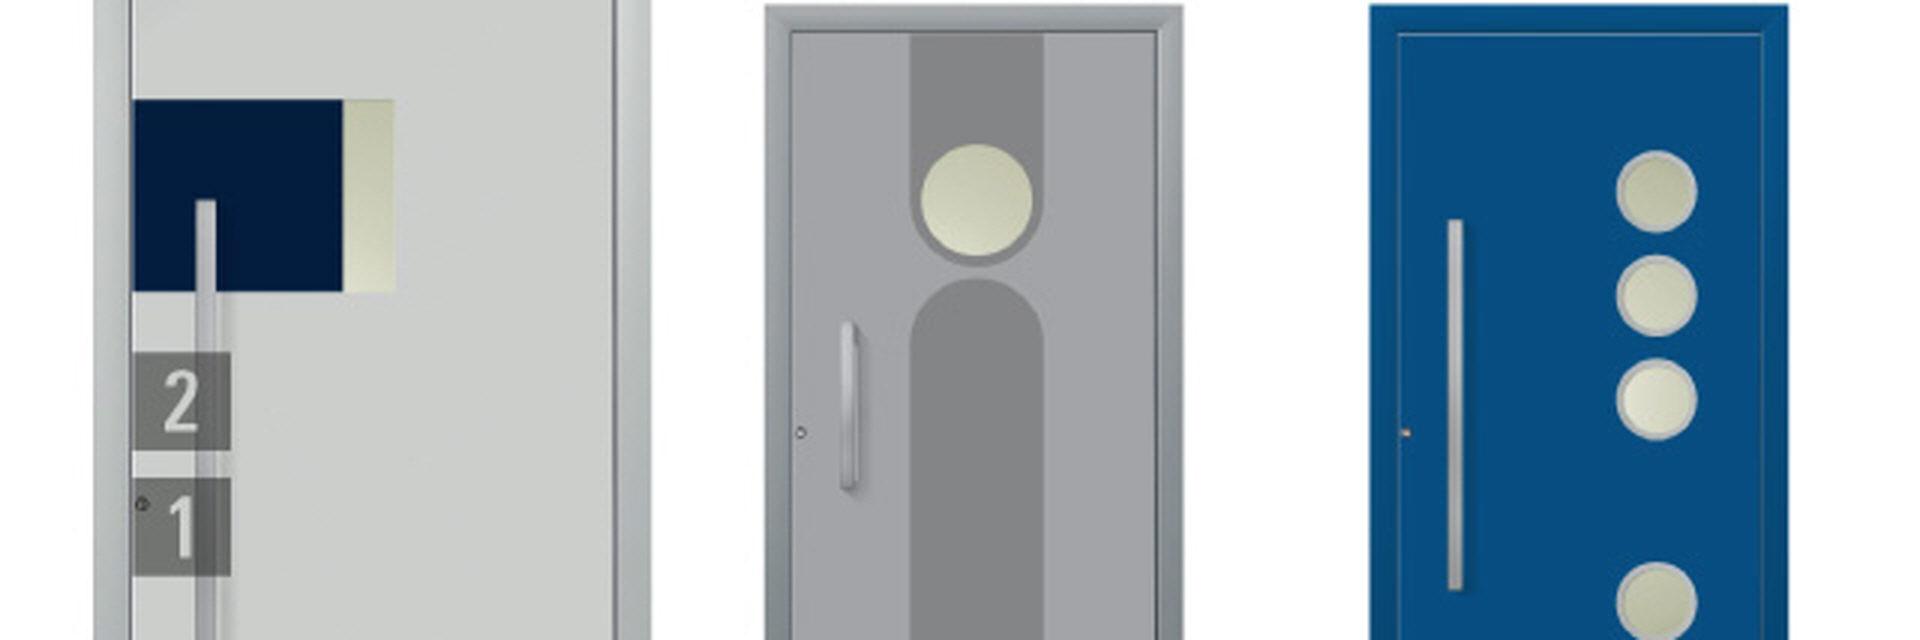 greve innenausbau kassel renovierung modernisierung. Black Bedroom Furniture Sets. Home Design Ideas